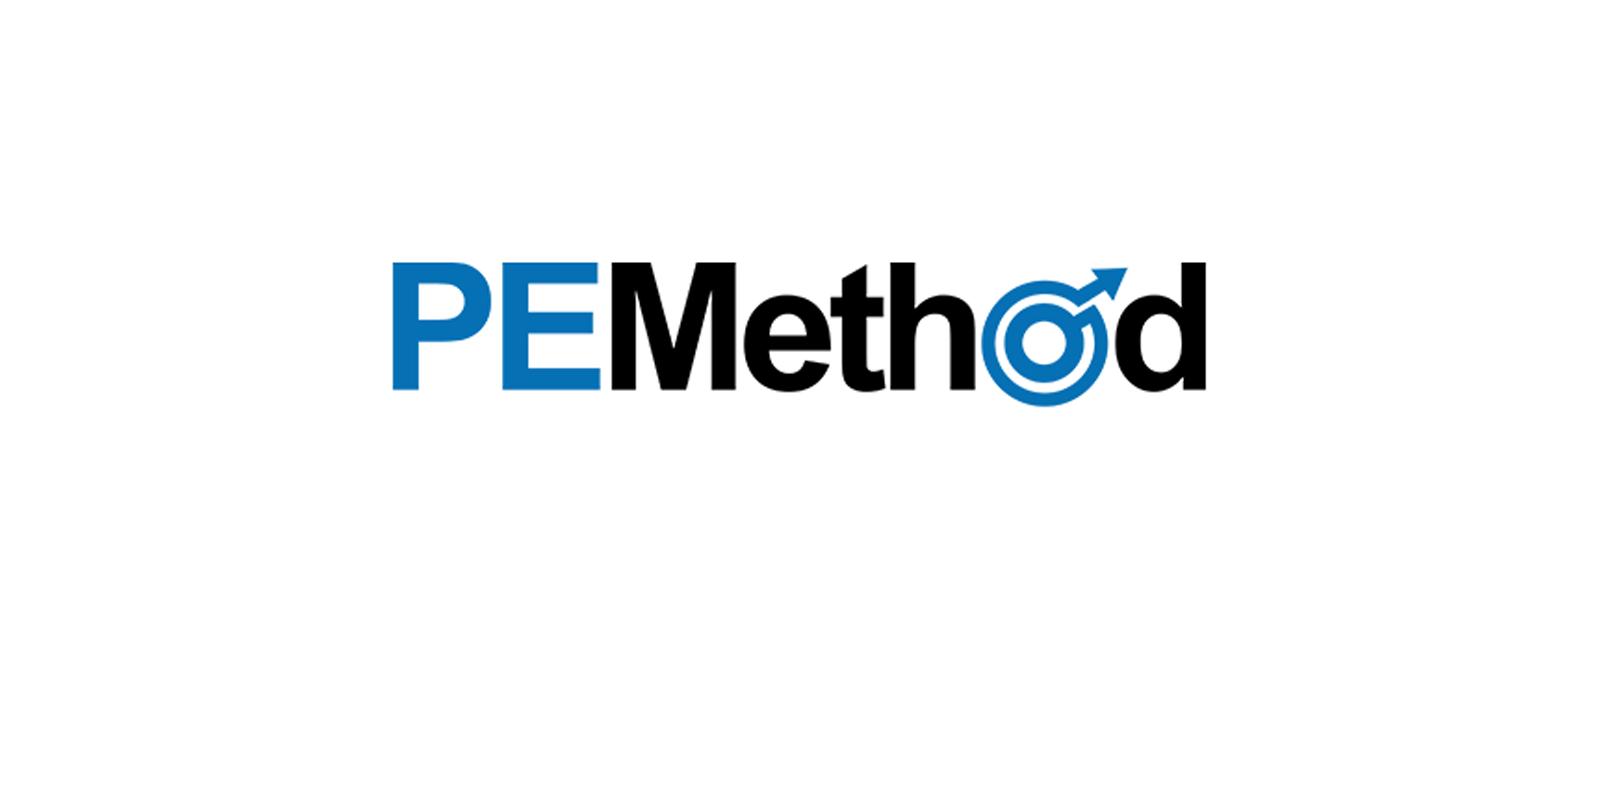 PE Method review